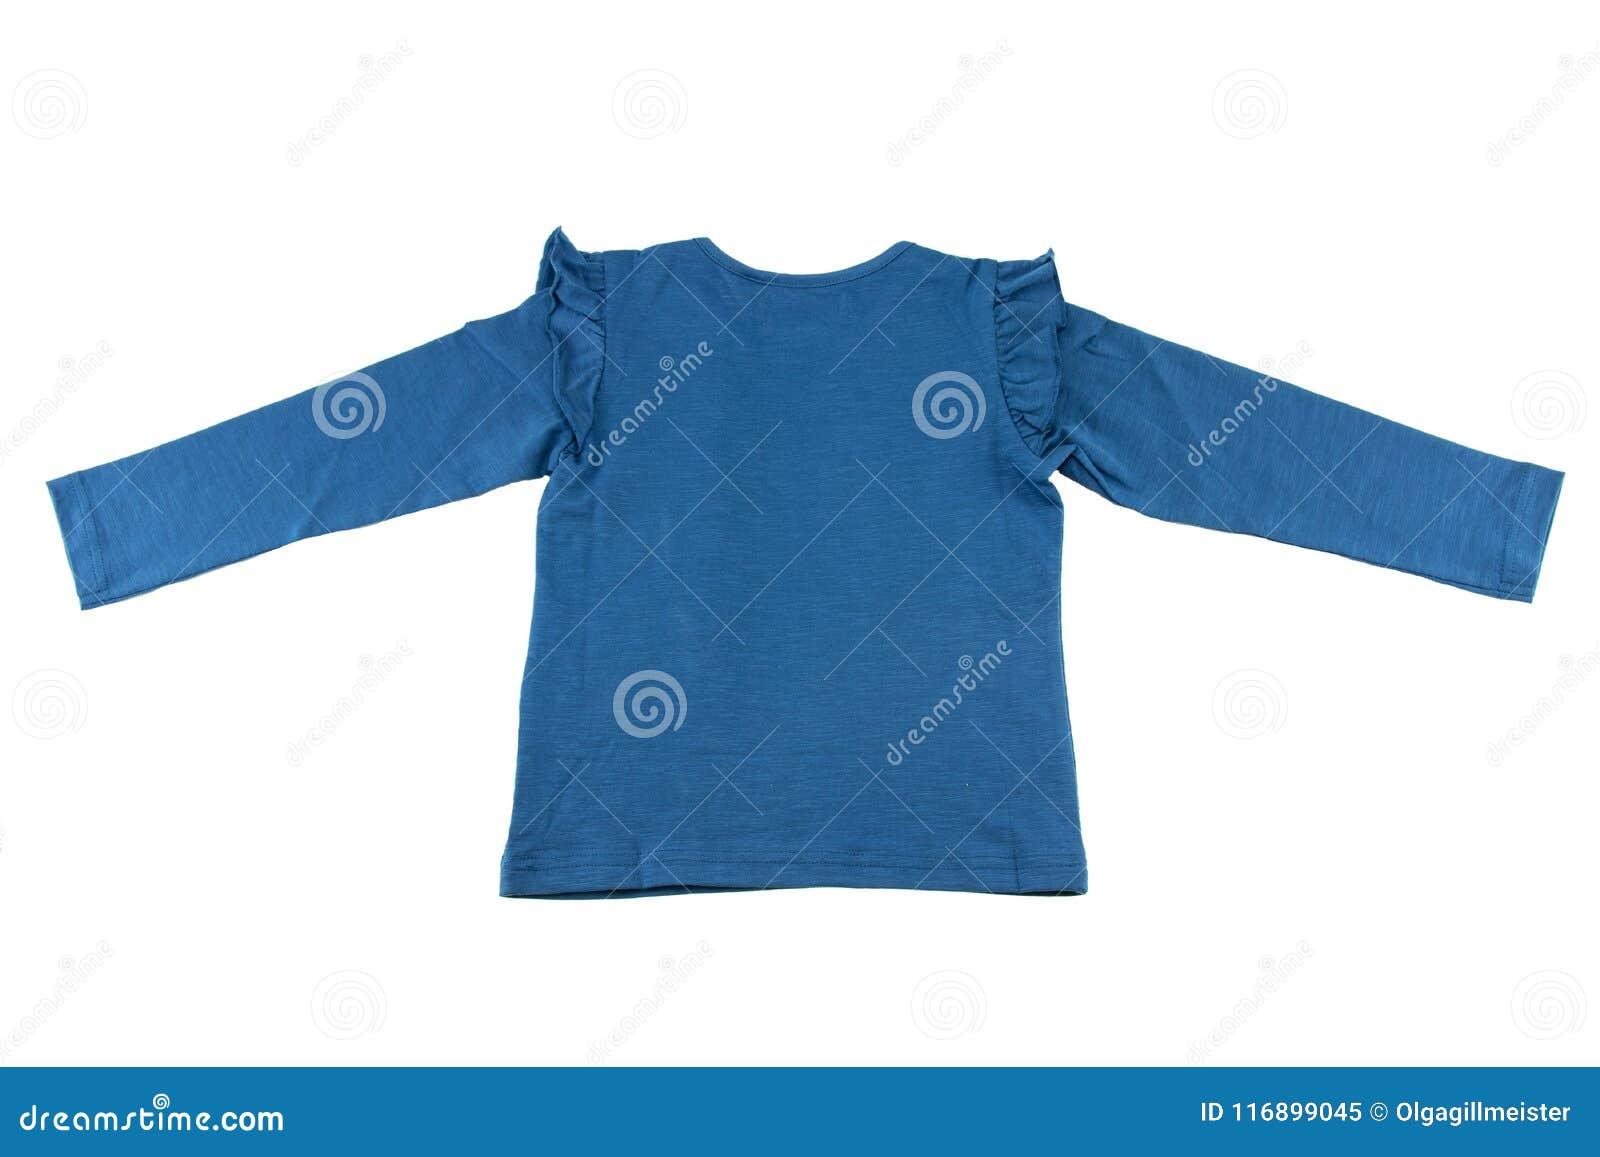 Backview av barns blåa tröja med långa muffar som isoleras på